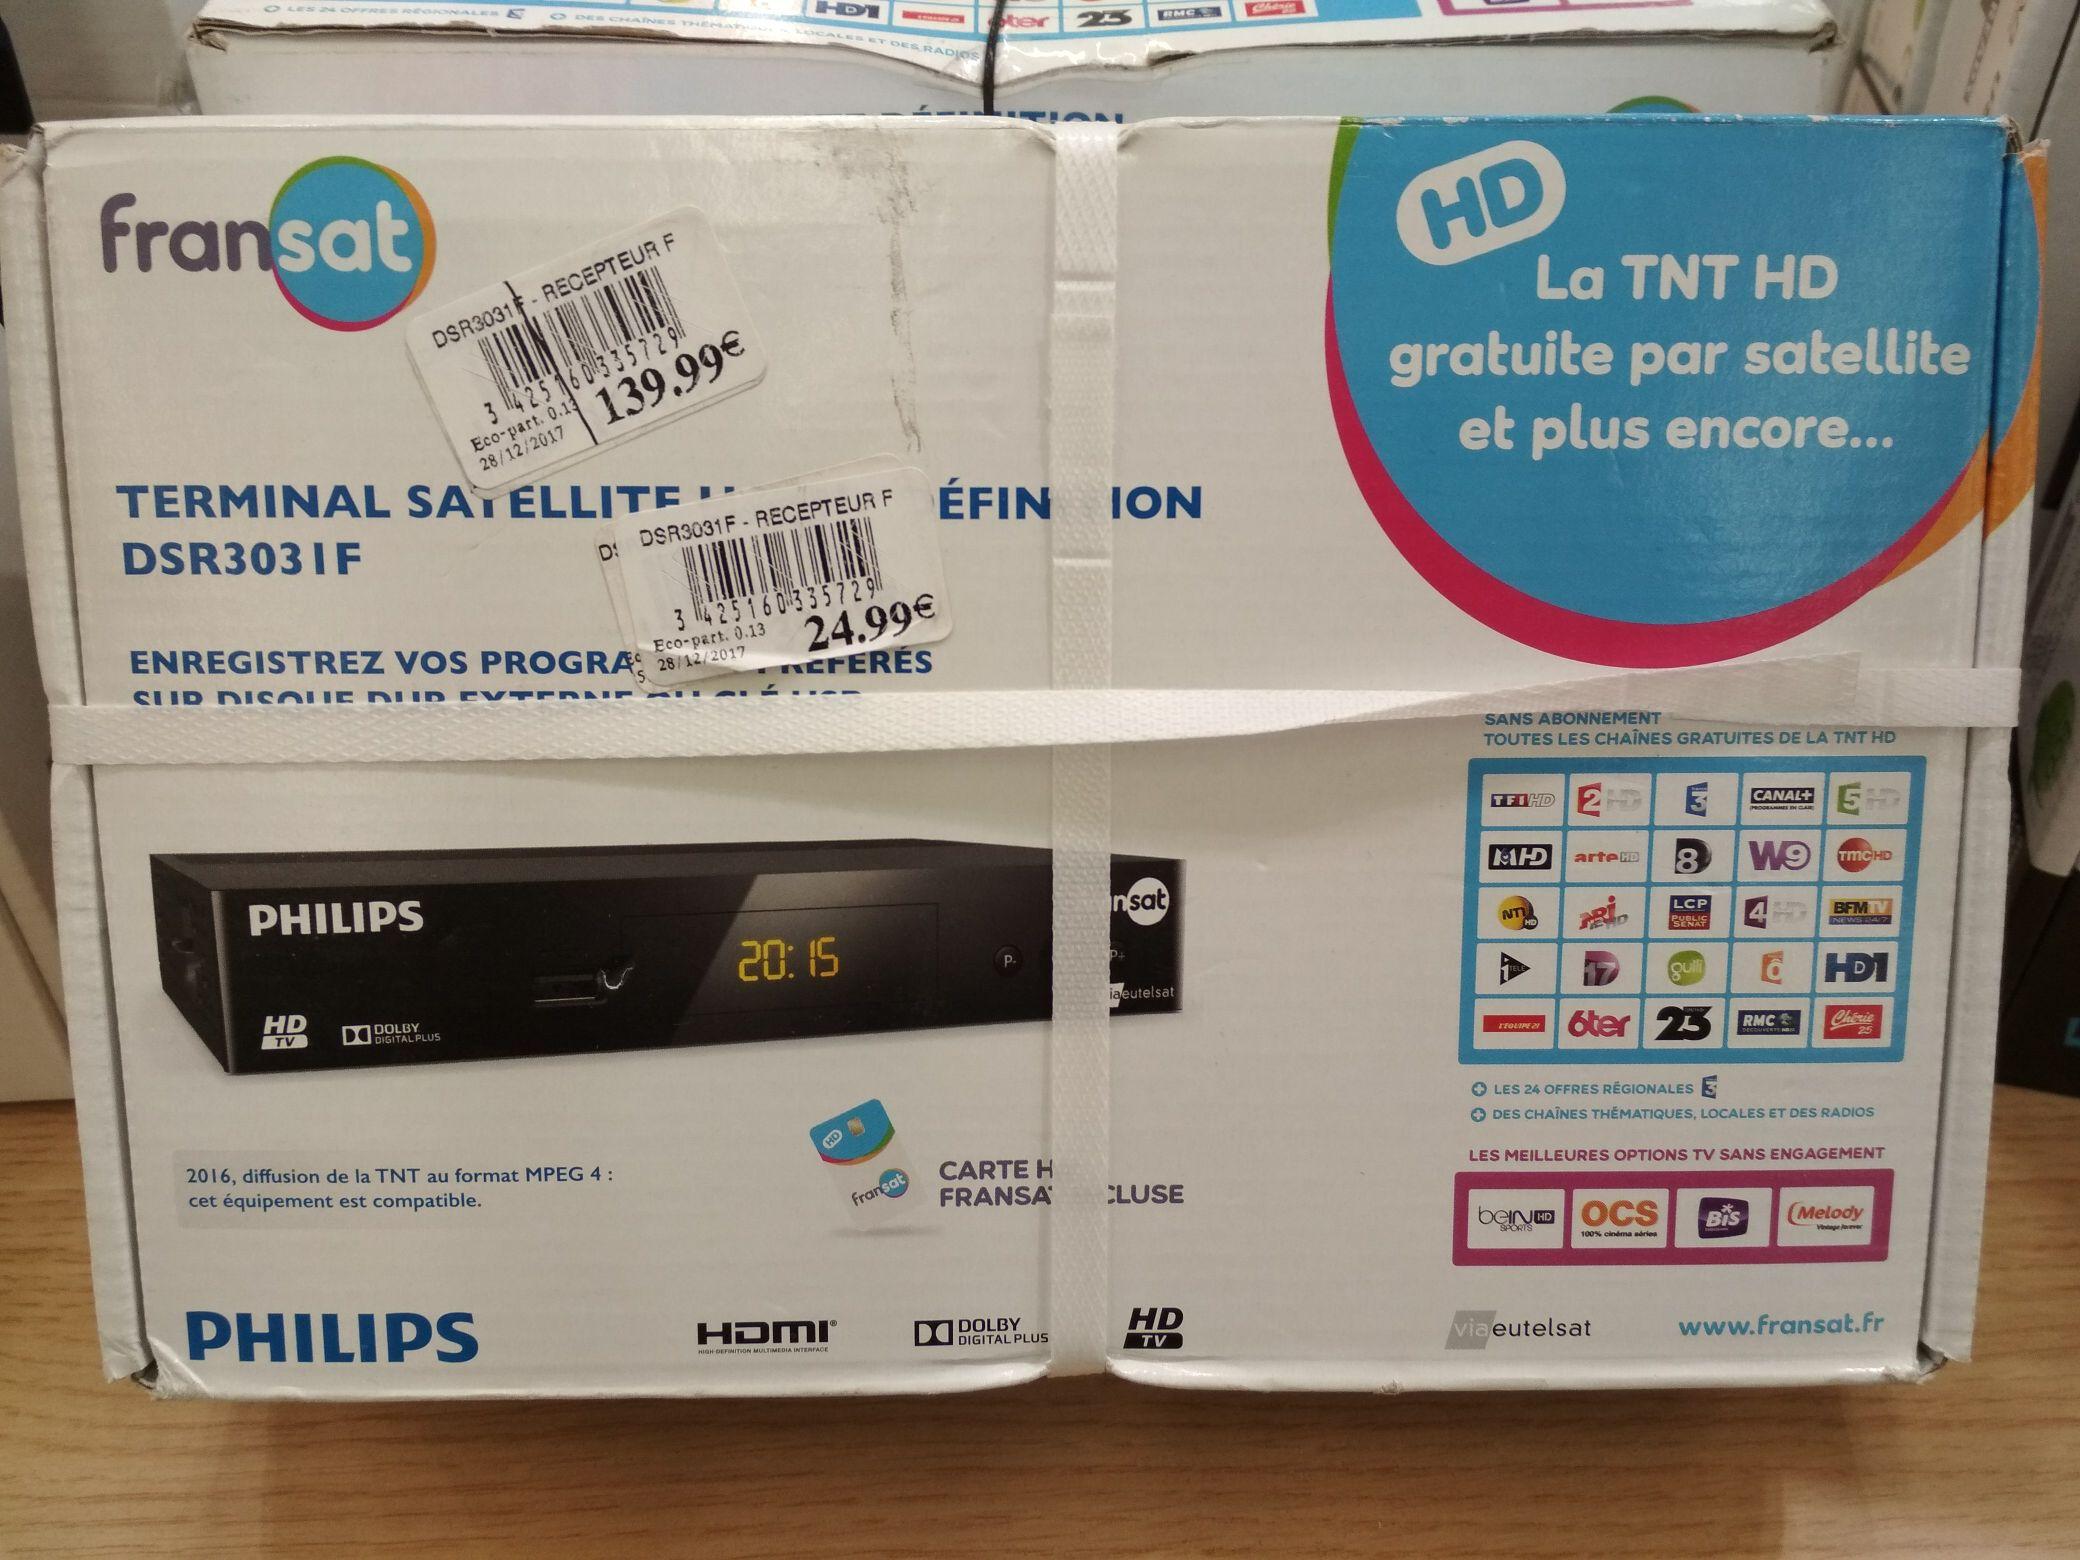 Récepteur TNT par satellite Philips DSR3031F Fransat - Villeneuve-d'Ascq (59)